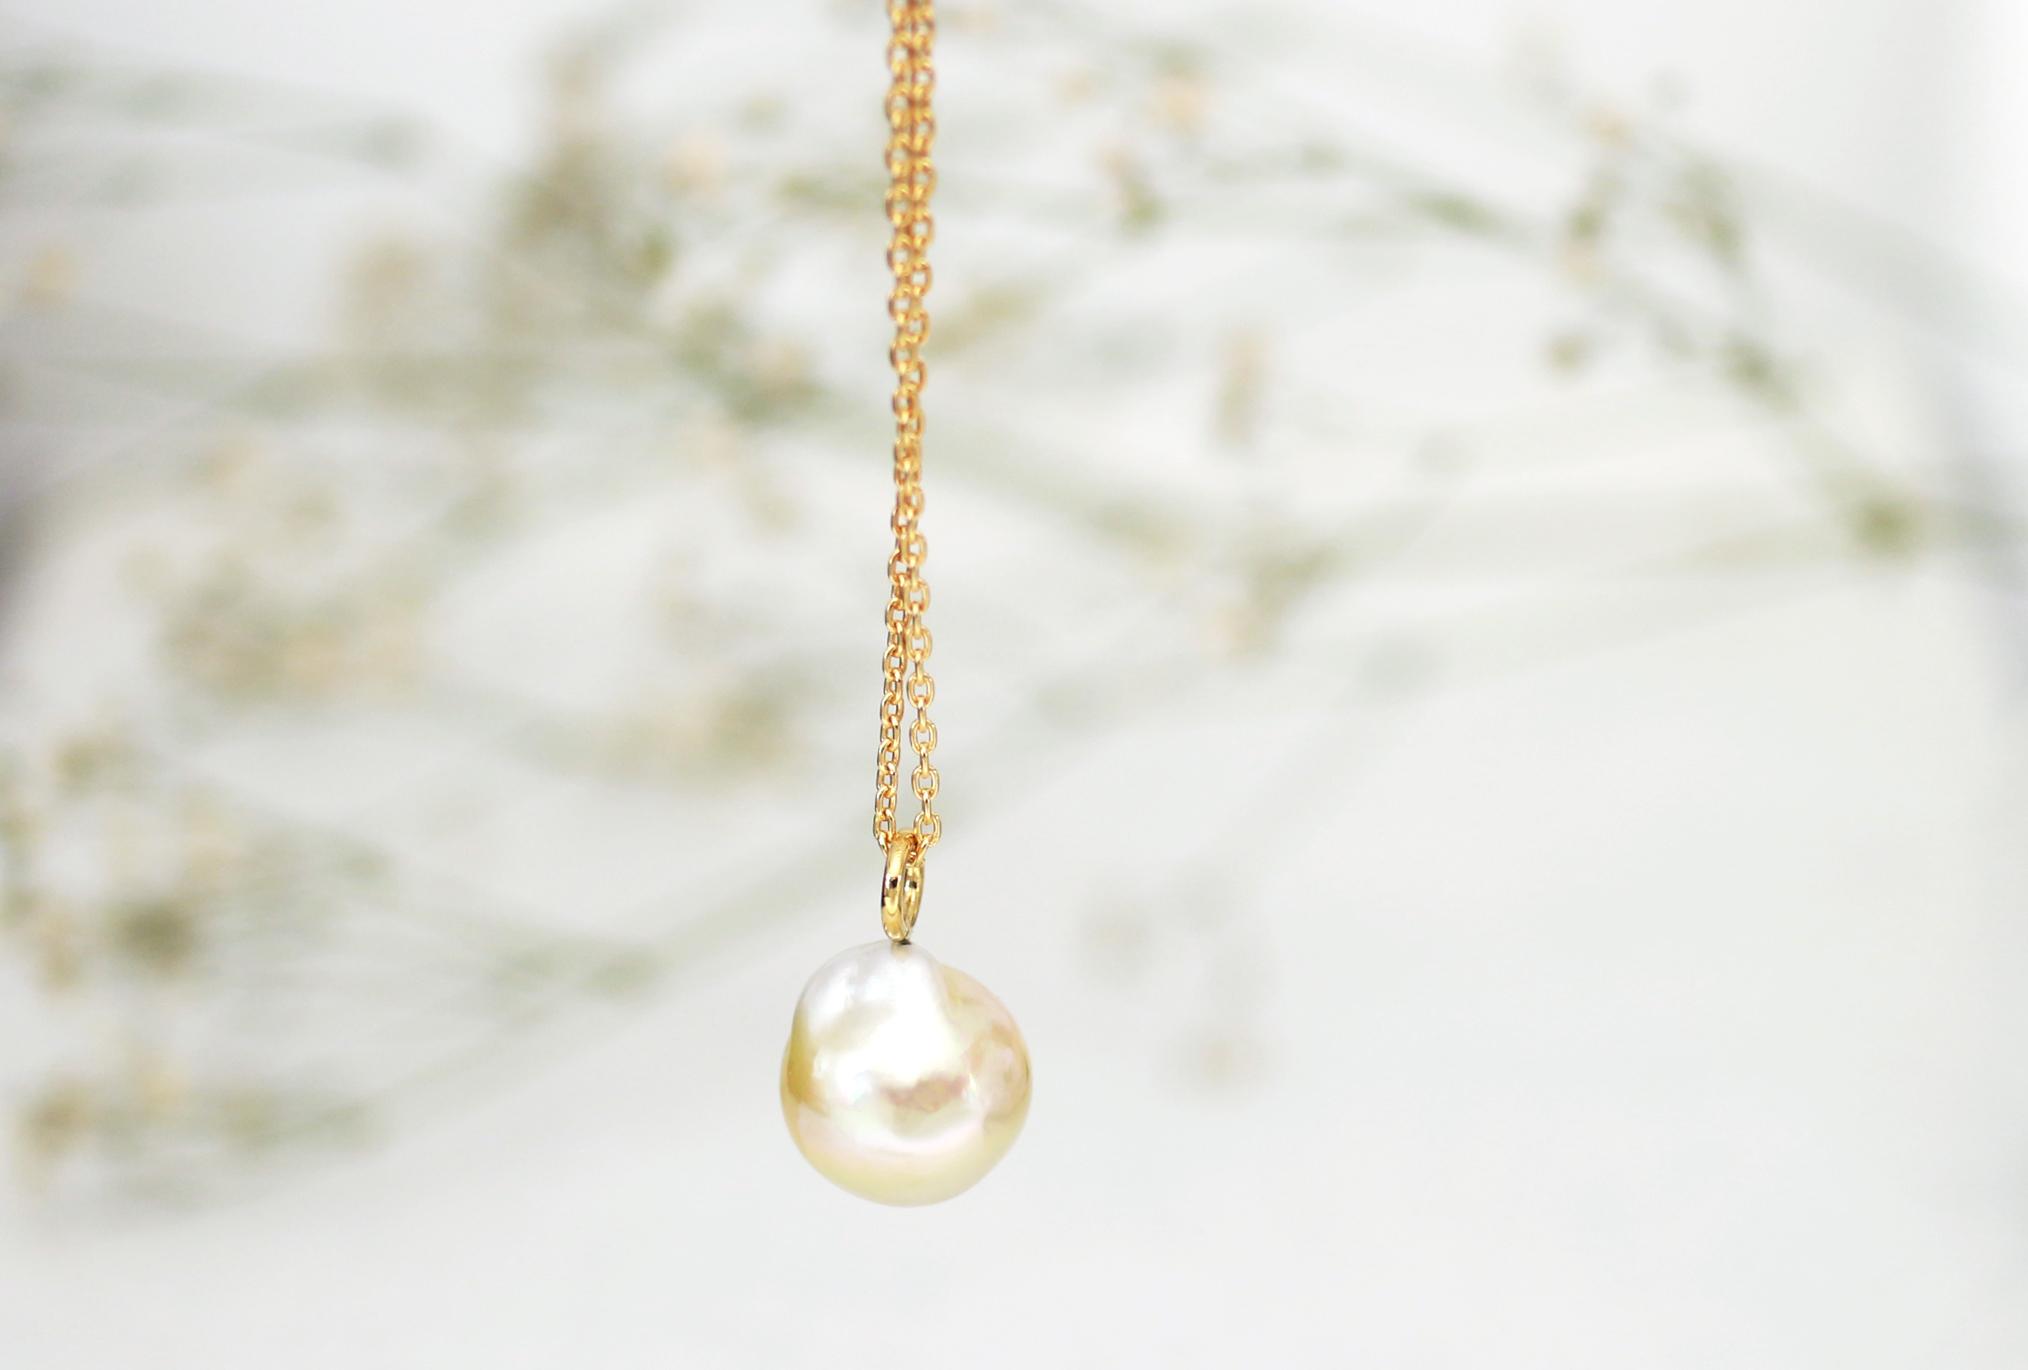 白蝶バロック真珠のペンダント